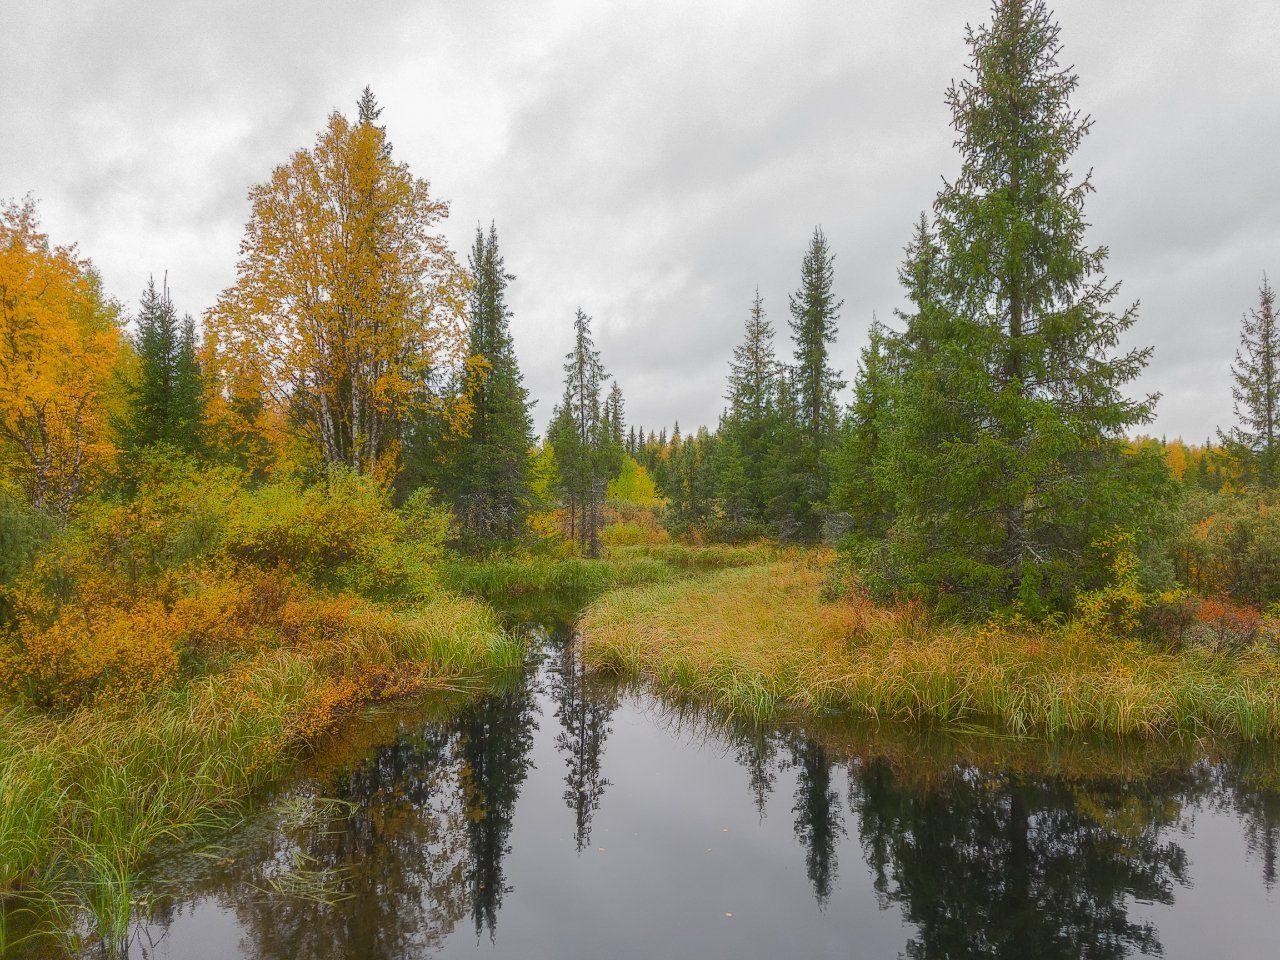 печора,коми,лес,осень,золотая,мобильноефото, Игорь Подобаев